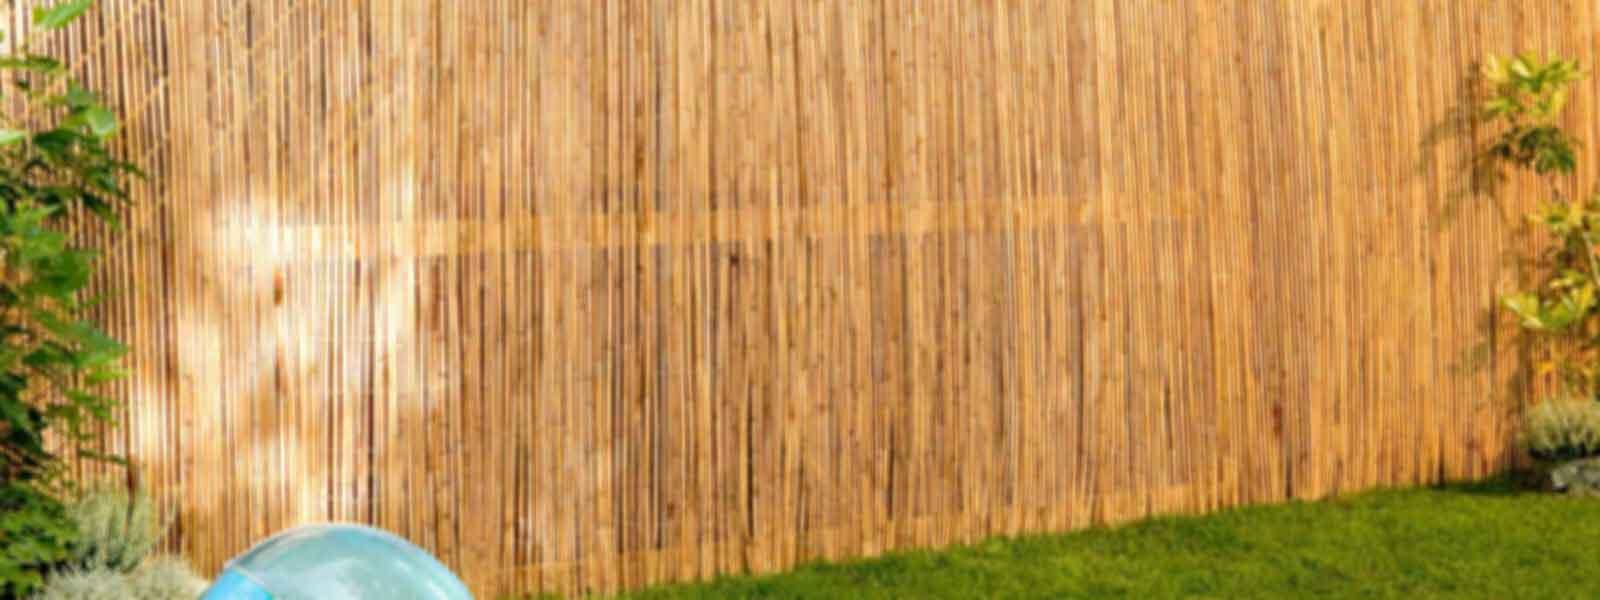 Full Size of Paravent Garten Wetterfest Hornbach Windfang Balkon Deko 101 Lounge Set Sichtschutz Wpc Hochbeet Spielhaus Spielhäuser Holz Schwimmingpool Für Den Wohnzimmer Paravent Garten Hornbach